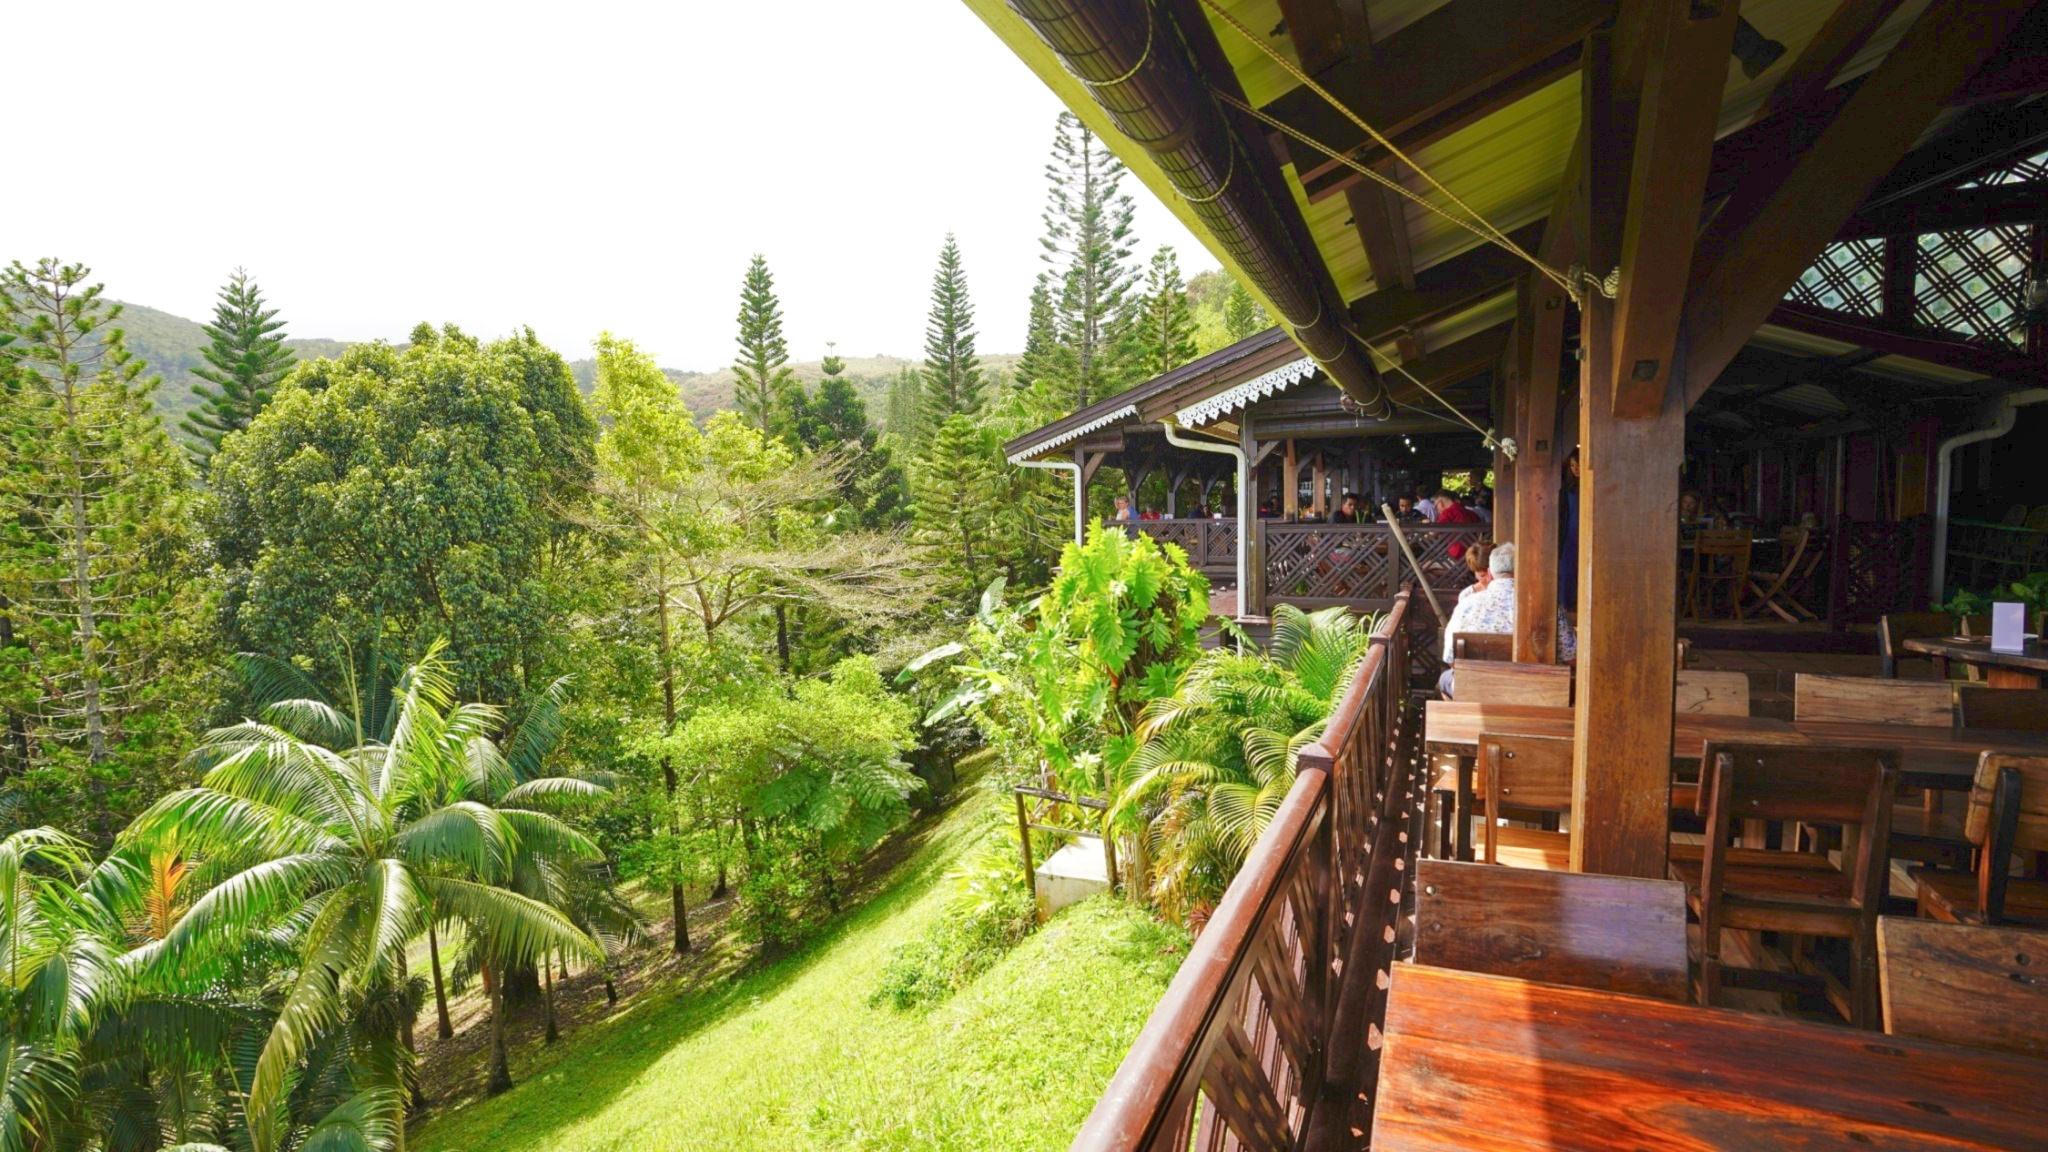 模里西斯,Mauritius,模里西斯景點,七色土,山頂景觀餐廳,模里西斯旅遊